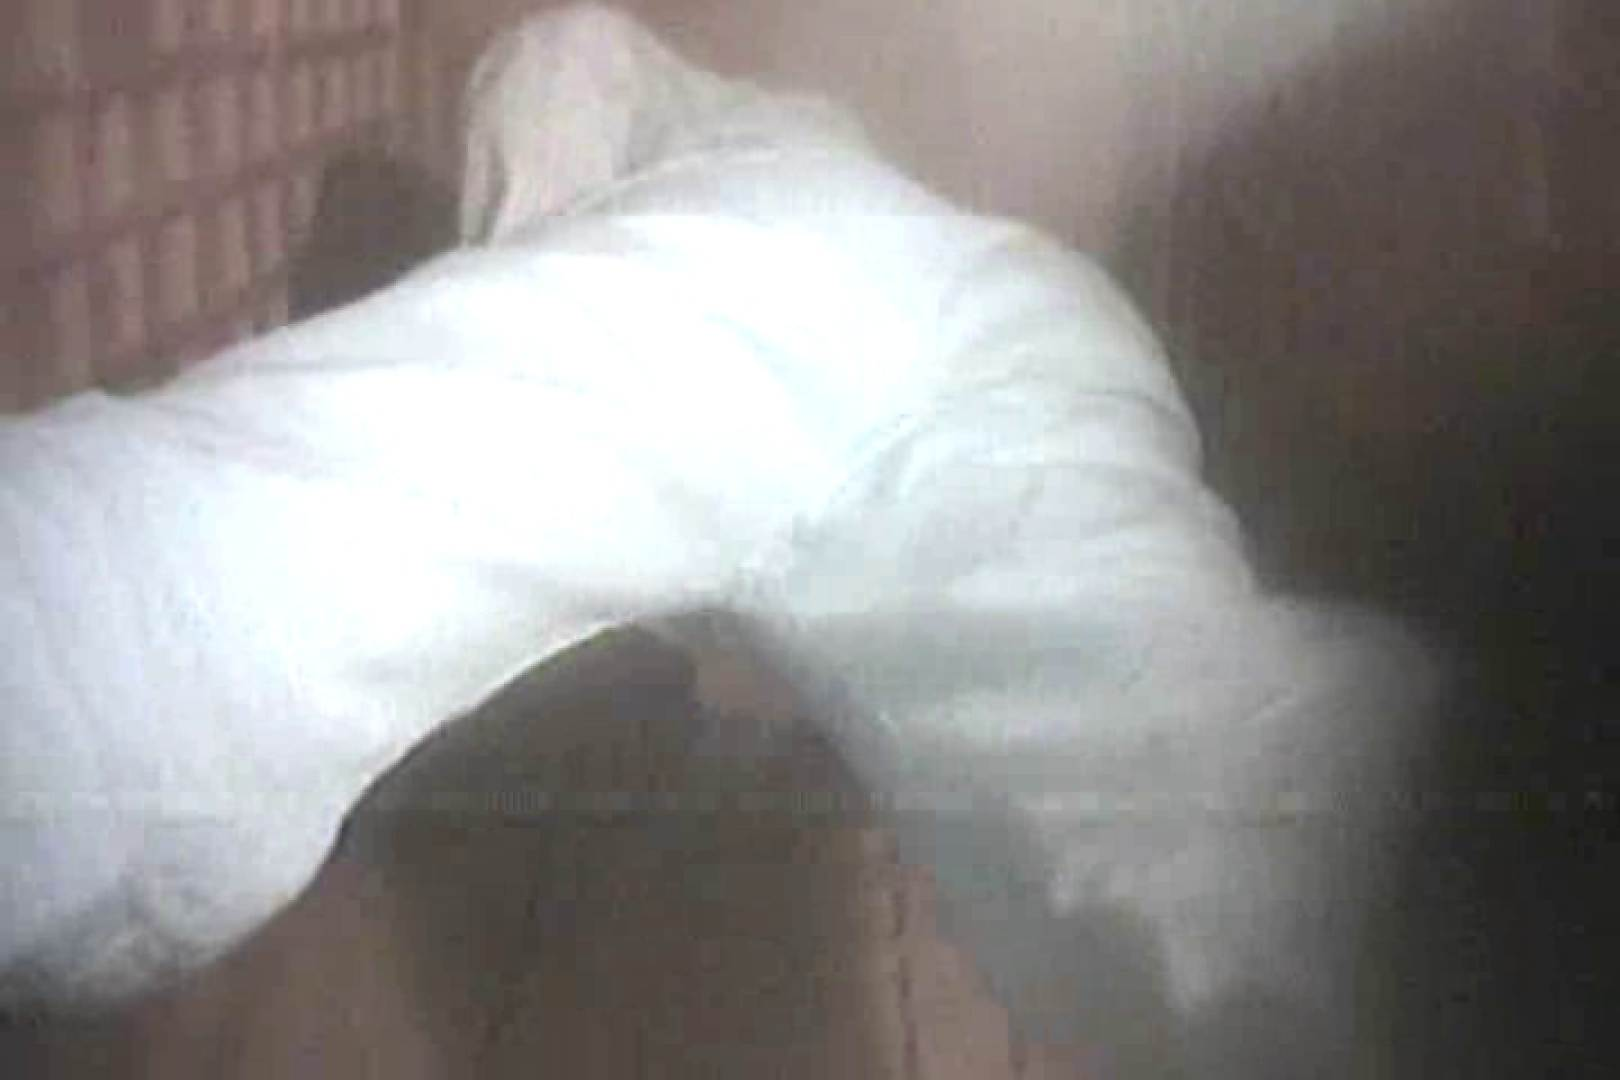 [お盆限定]和式洗面所汚物フレフレ100連発 Vol.1 いやらしいOL ヌード画像 46連発 11